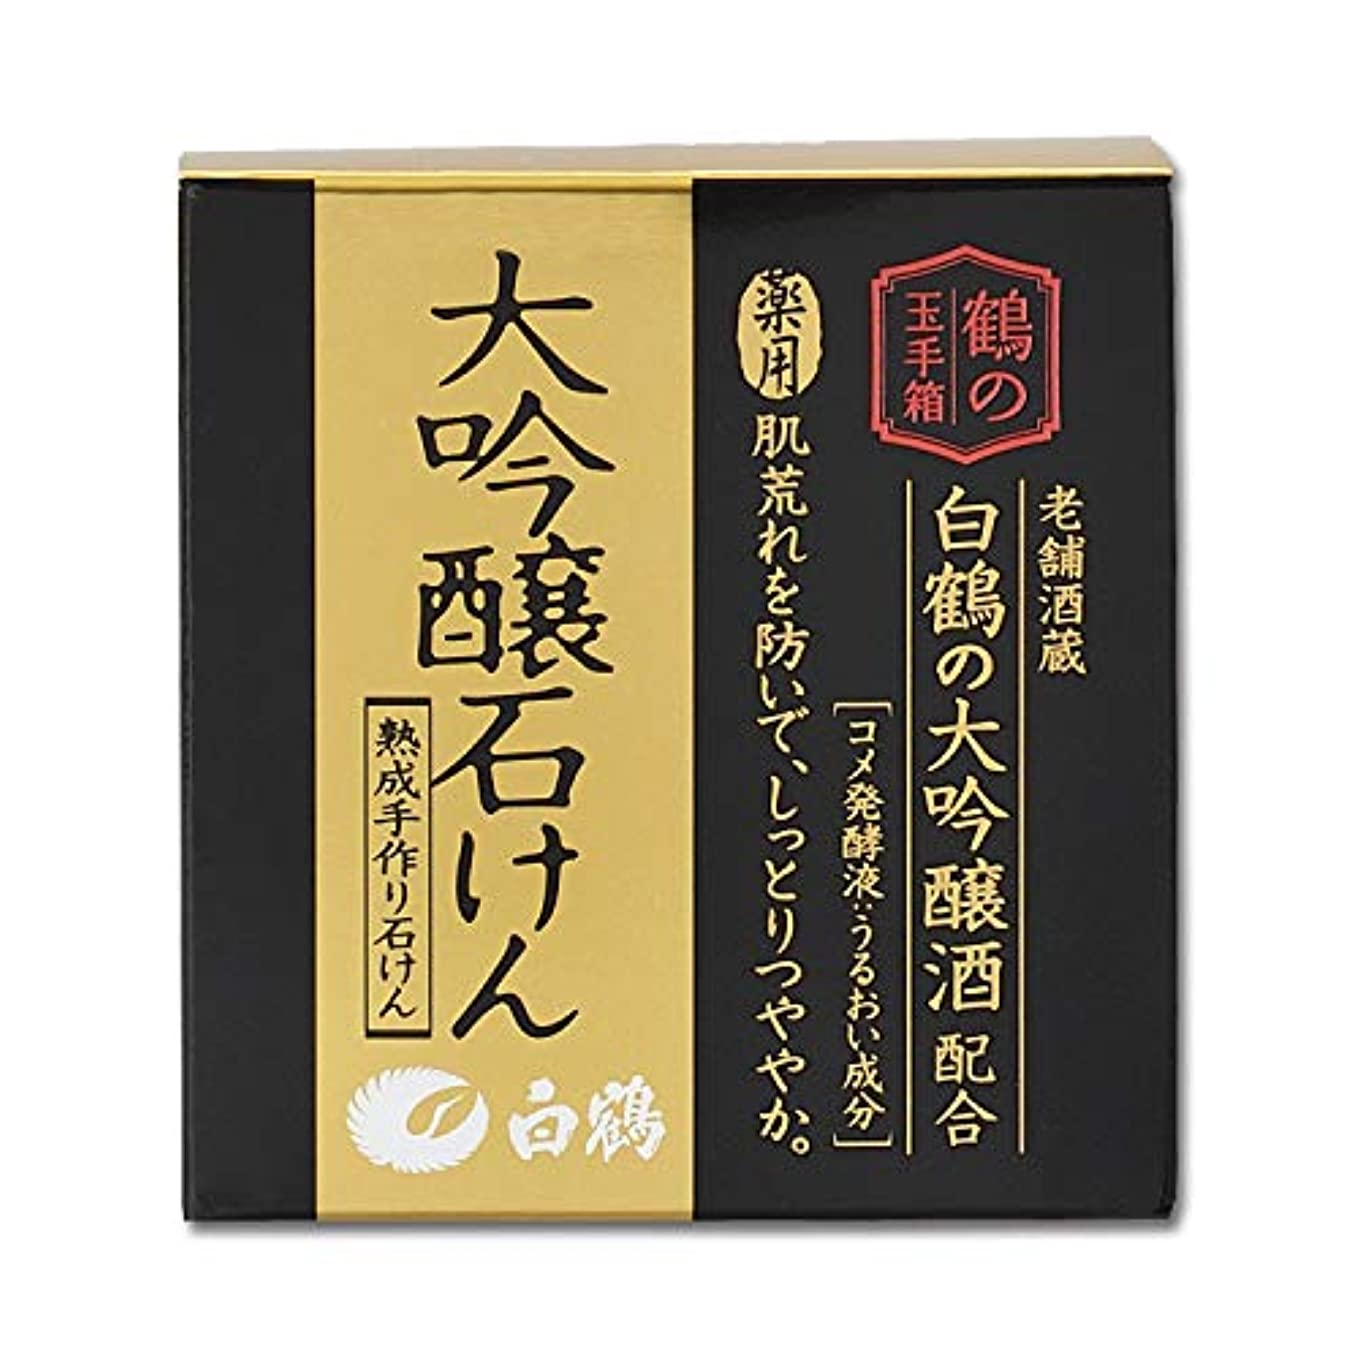 組み立てる効果的顔料白鶴 鶴の玉手箱 薬用 大吟醸石けん 100g (医薬部外品)